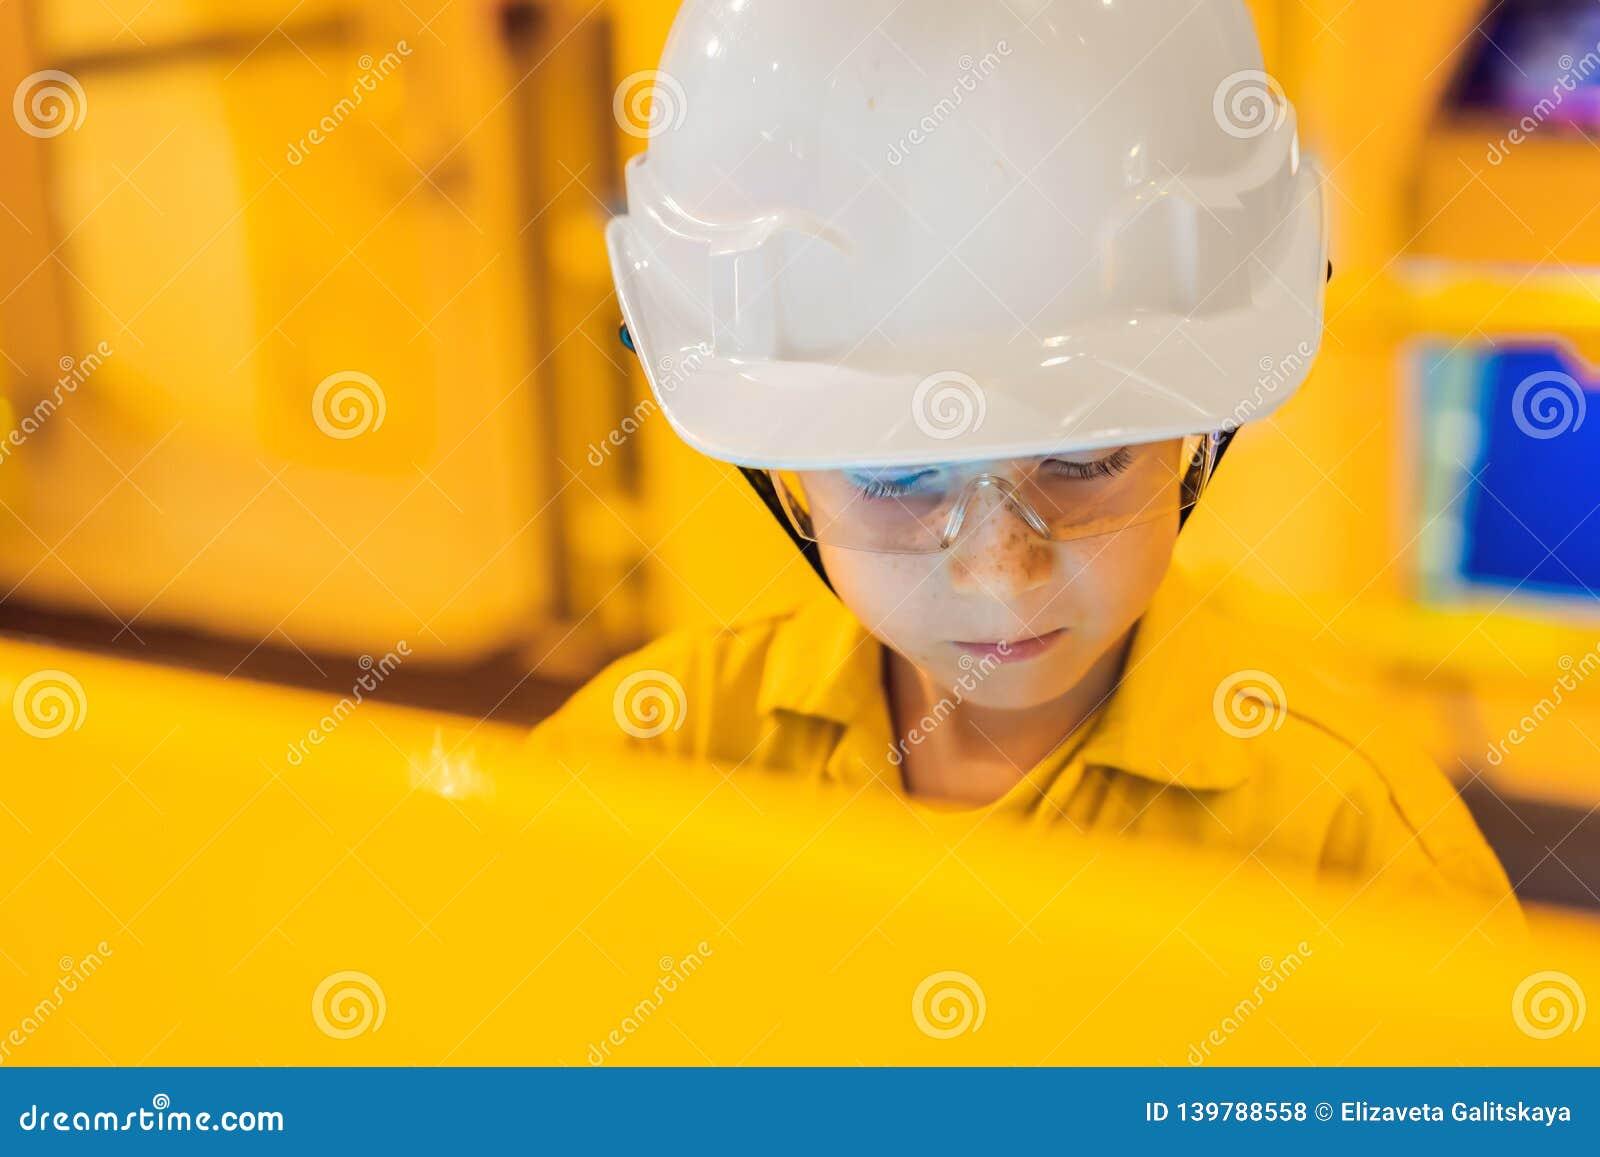 Деятельность записи оператора мальчика процесса нефти и газ на масле и заводе снаряжения, оффшорной нефтяной промышленности нефти